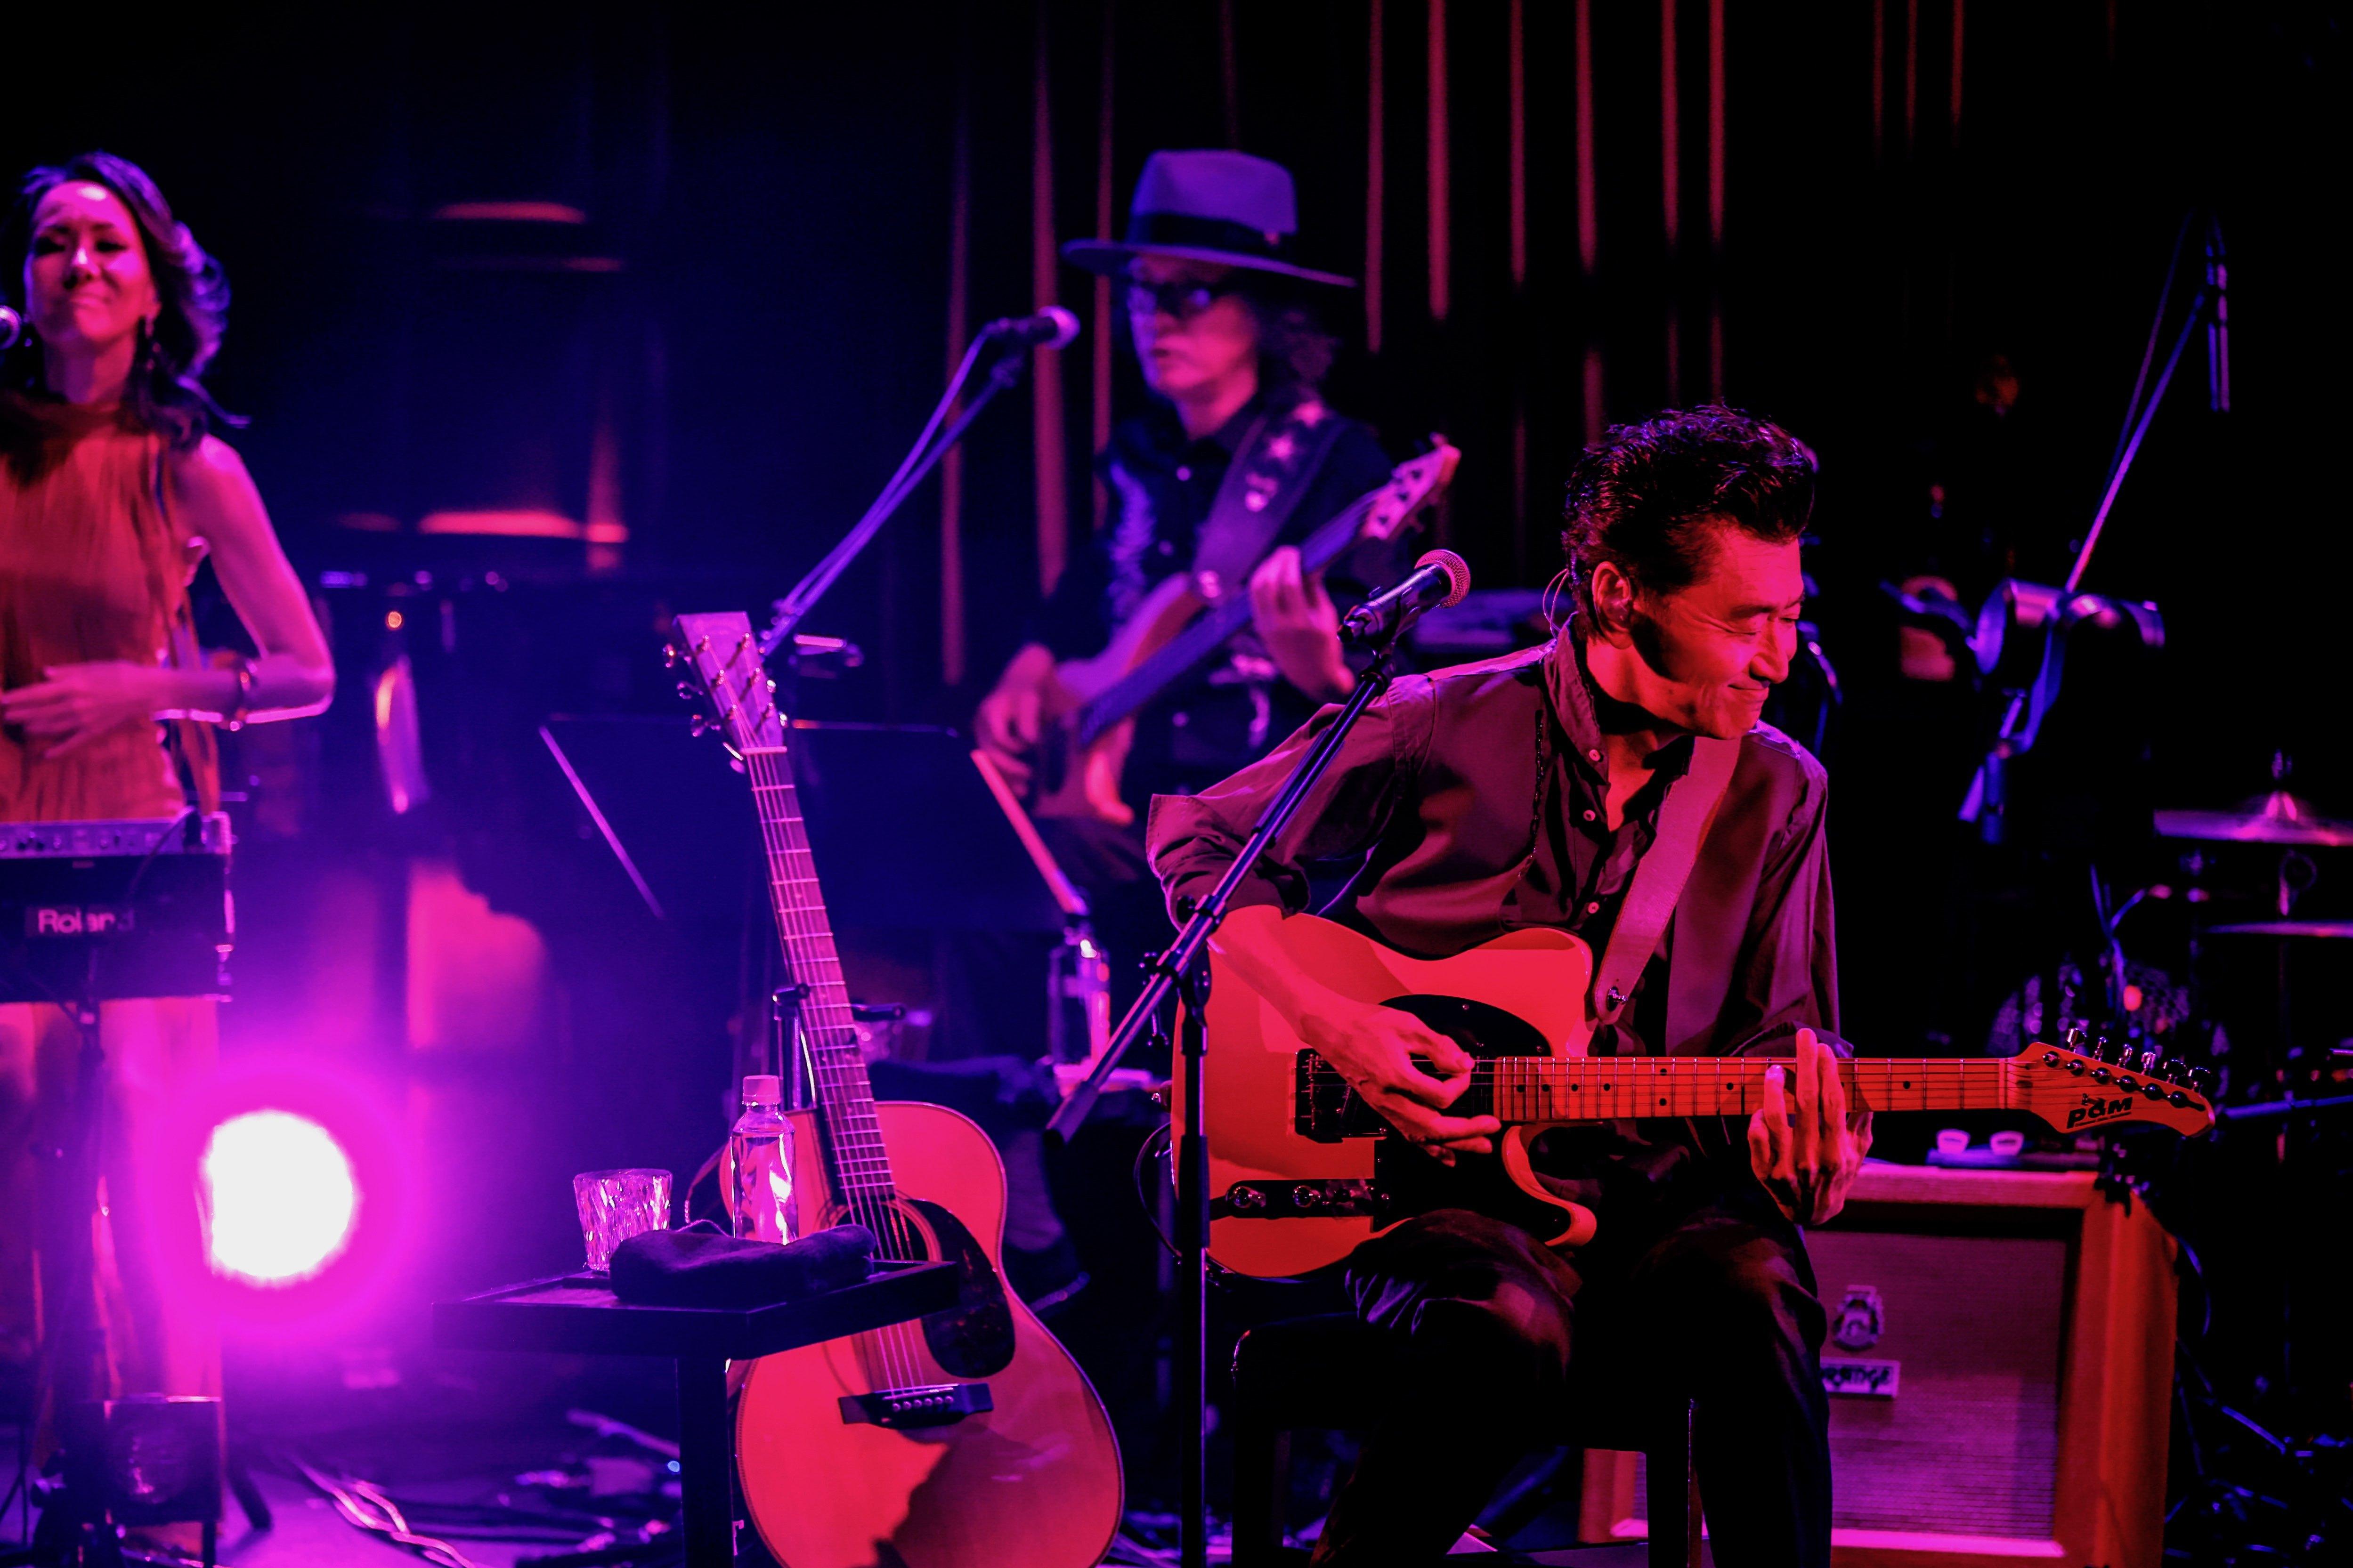 『桑田佳祐「静かな春の戯れ 〜Live in Blue Note Tokyo〜」』ライブカット